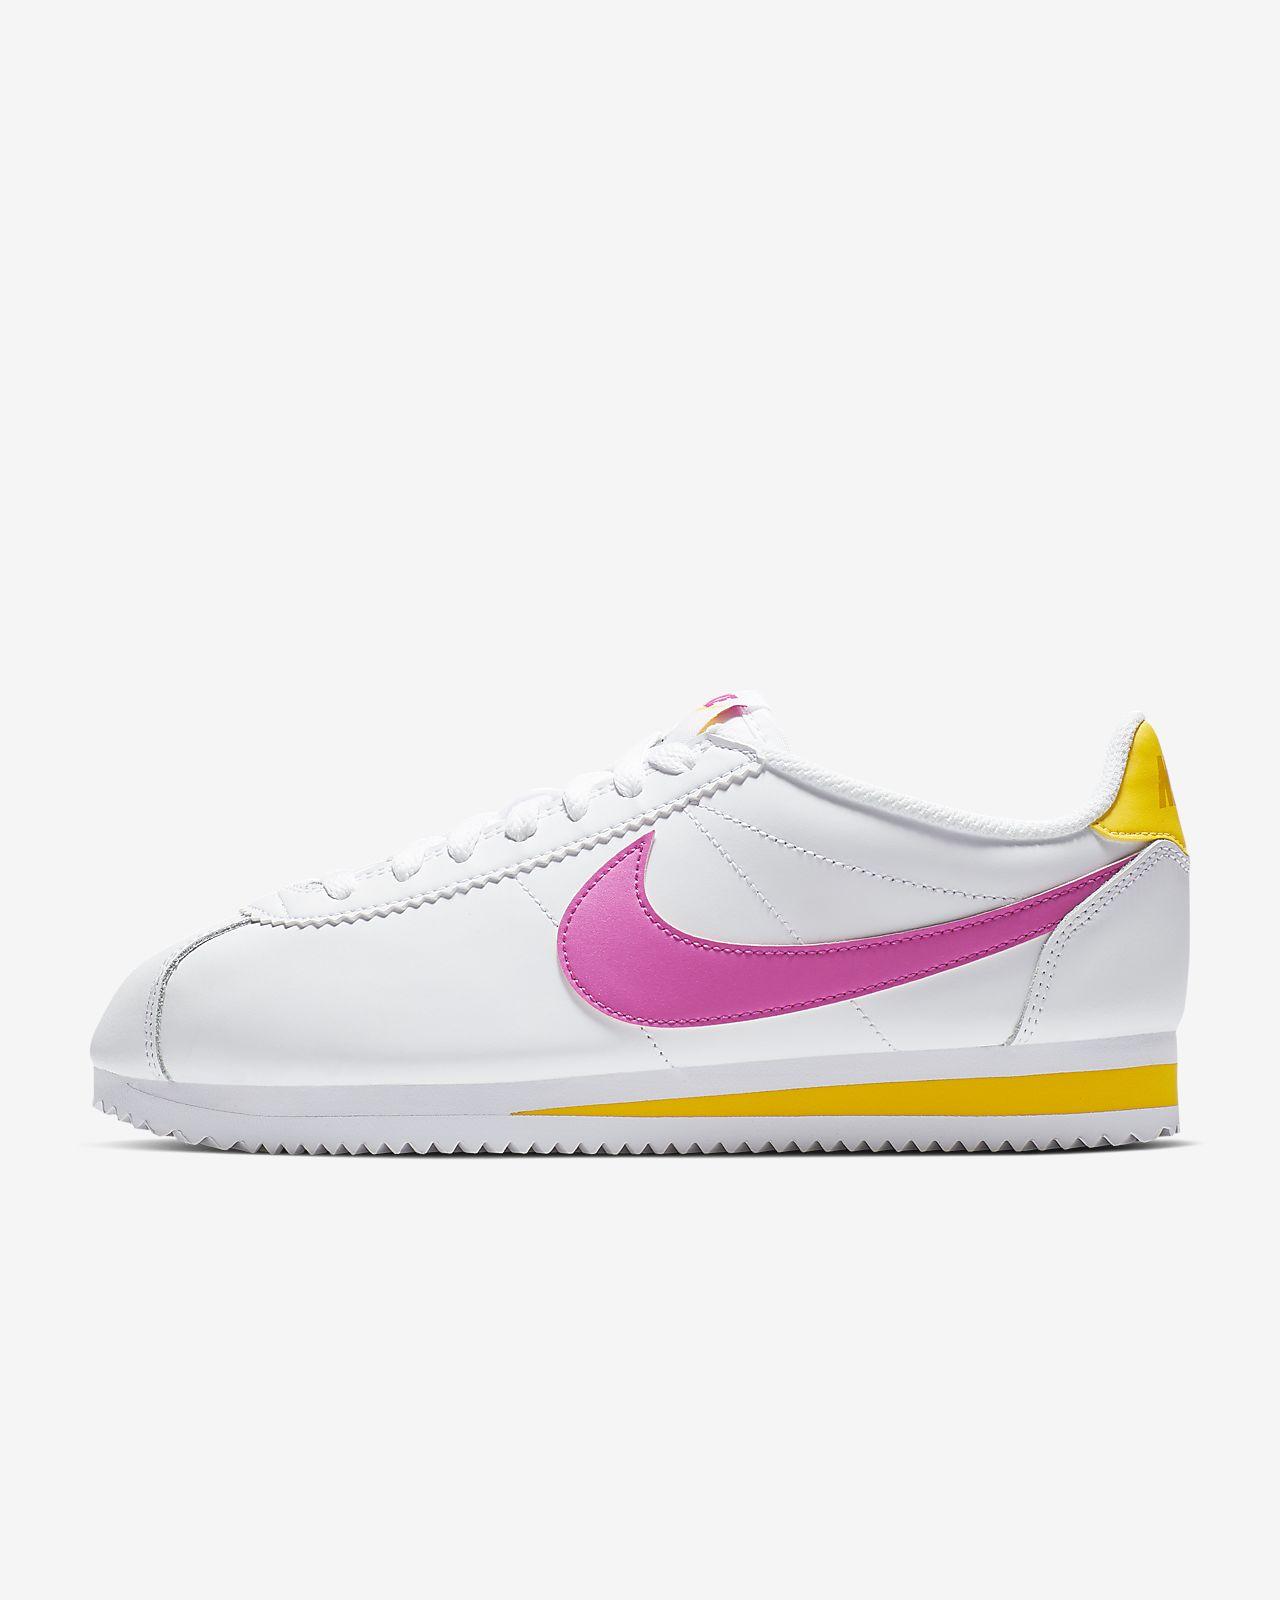 5f7497c1b9e Nike Classic Cortez - sko til kvinder. Nike.com DK